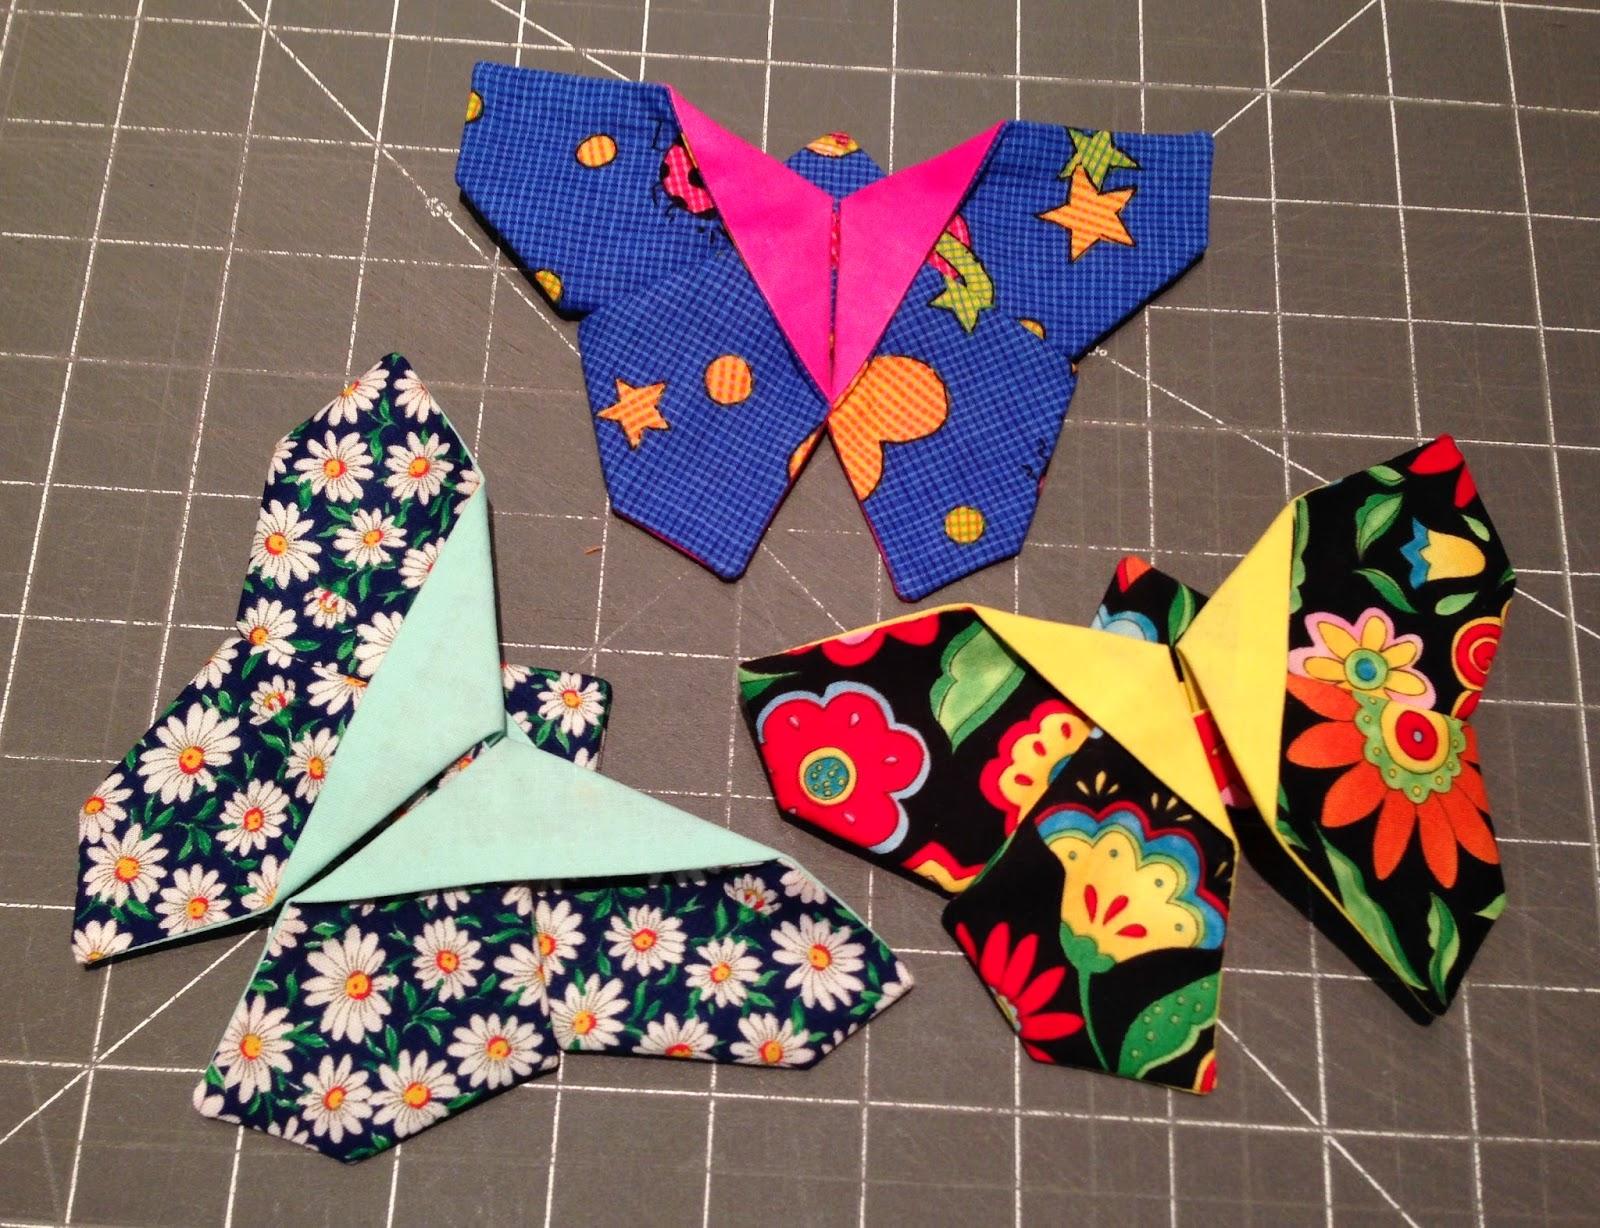 Trampantojos de costura origami patchwork mariposas - Como hacer pachwork ...